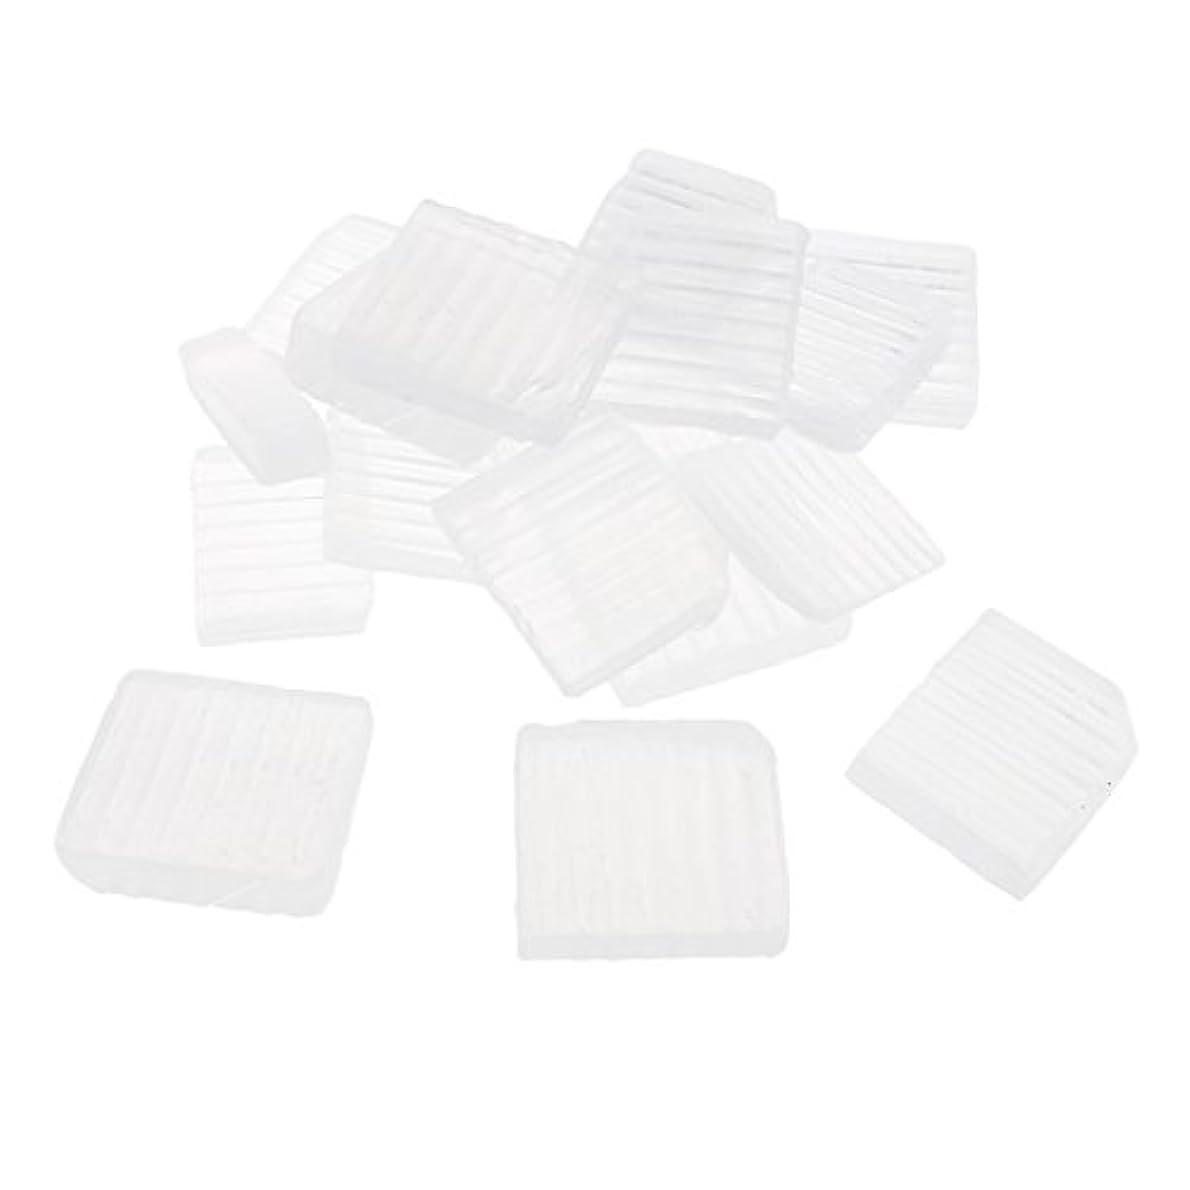 予想外カール実現可能透明 石鹸ベース DIY 手作り 石鹸 約1 KG